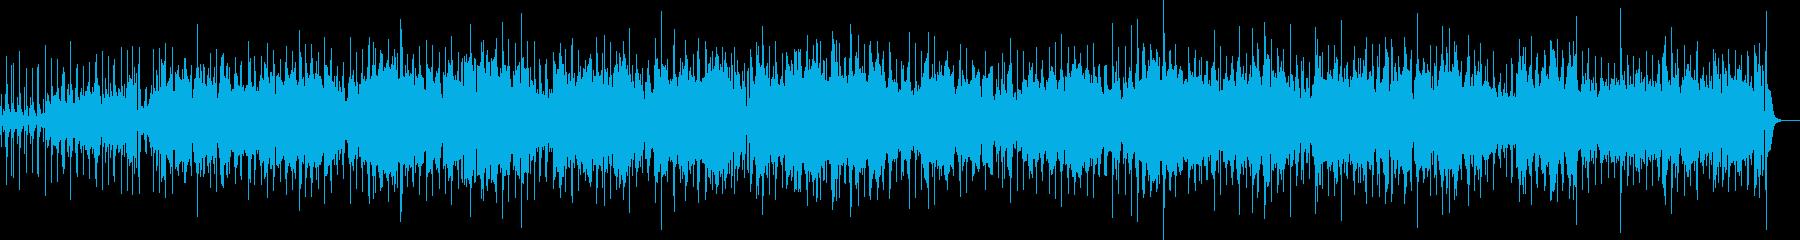 優雅な黄昏時のメロディをサンバでの再生済みの波形